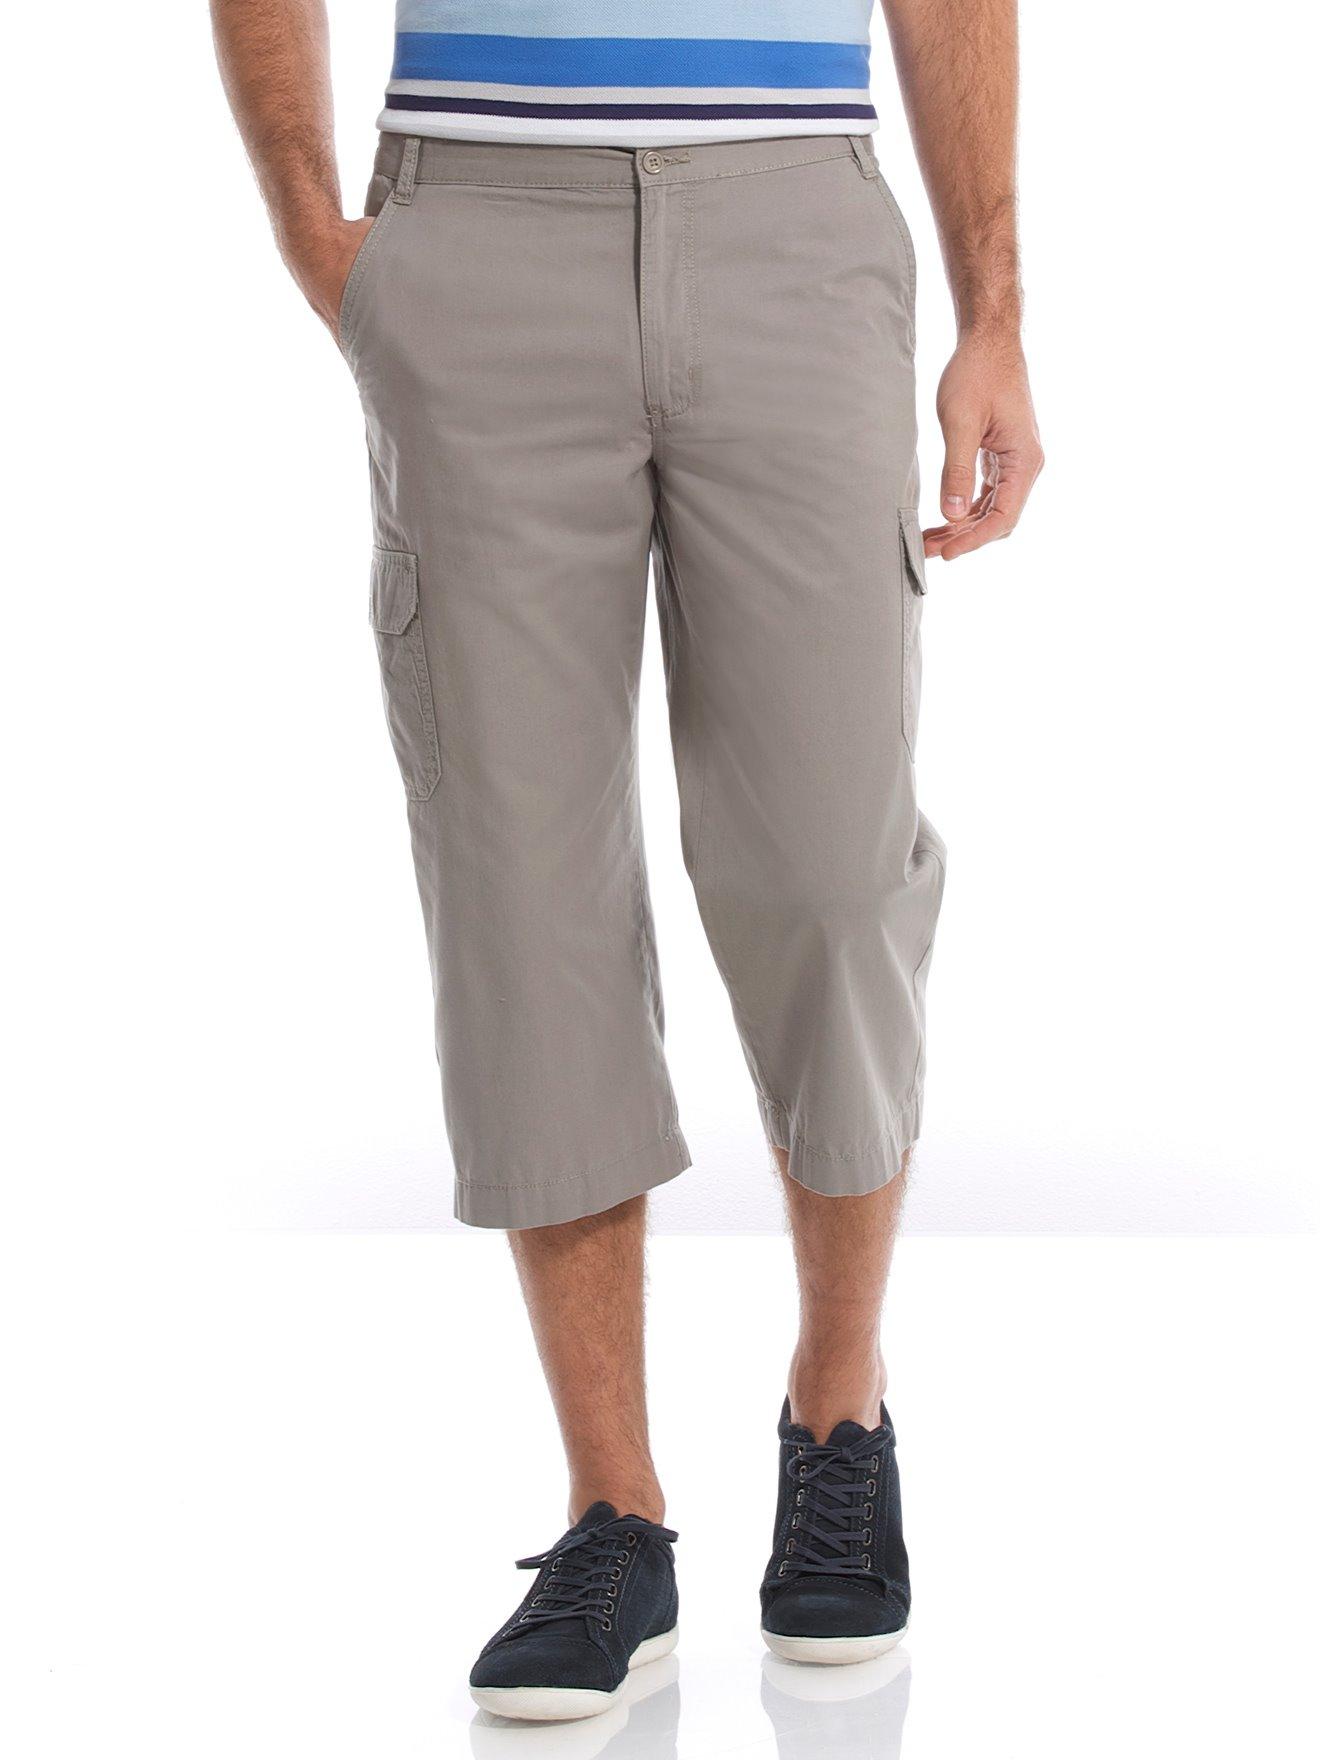 Pantacourt jean homme taille 50  5bd25d4ed39